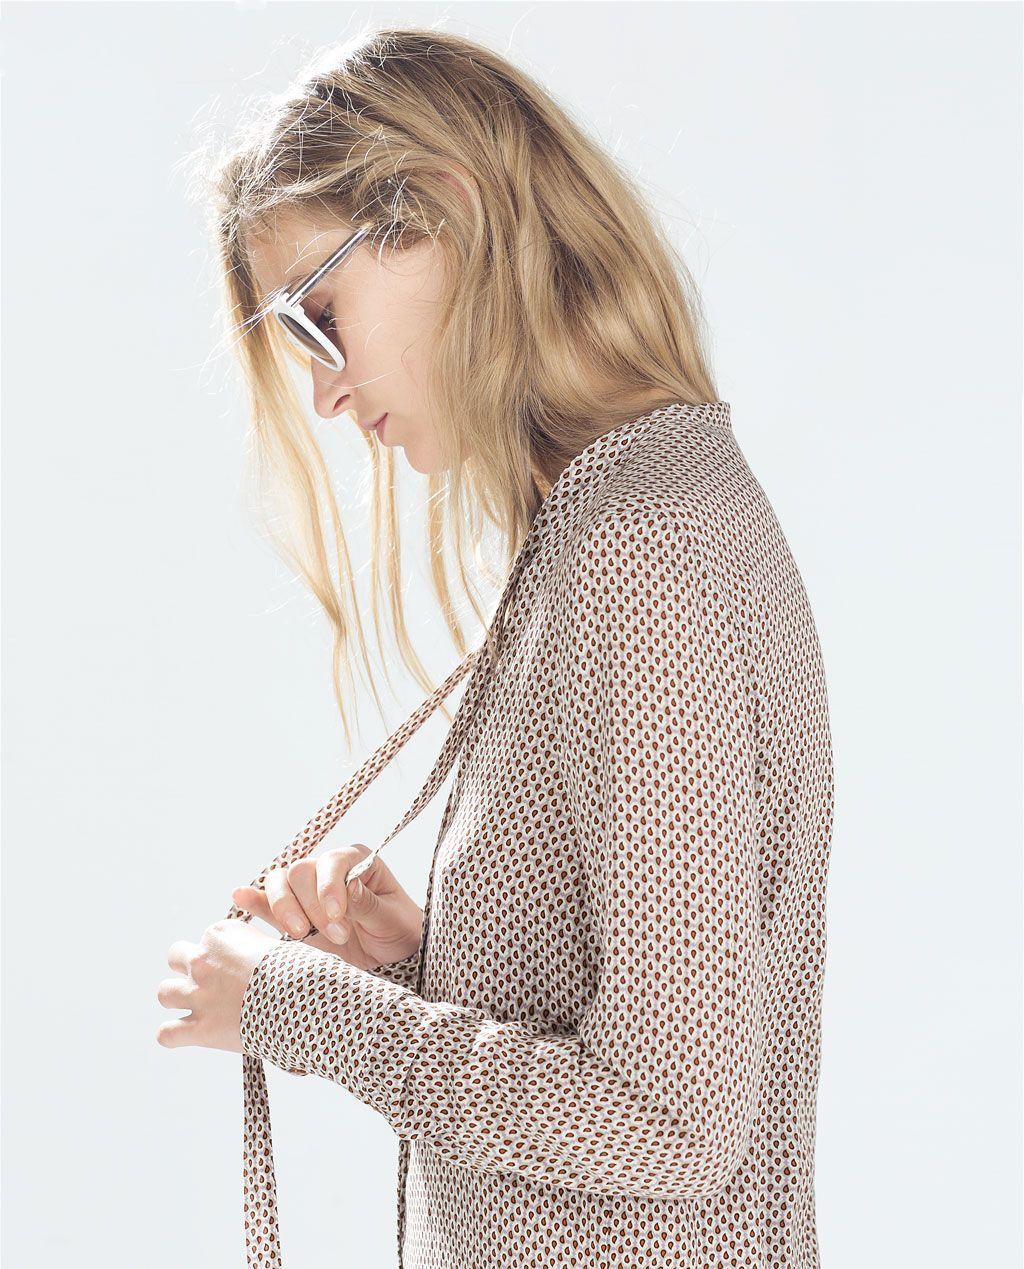 Catálogo de Zara Trafaluc - Camisa estampada con cuello anudado